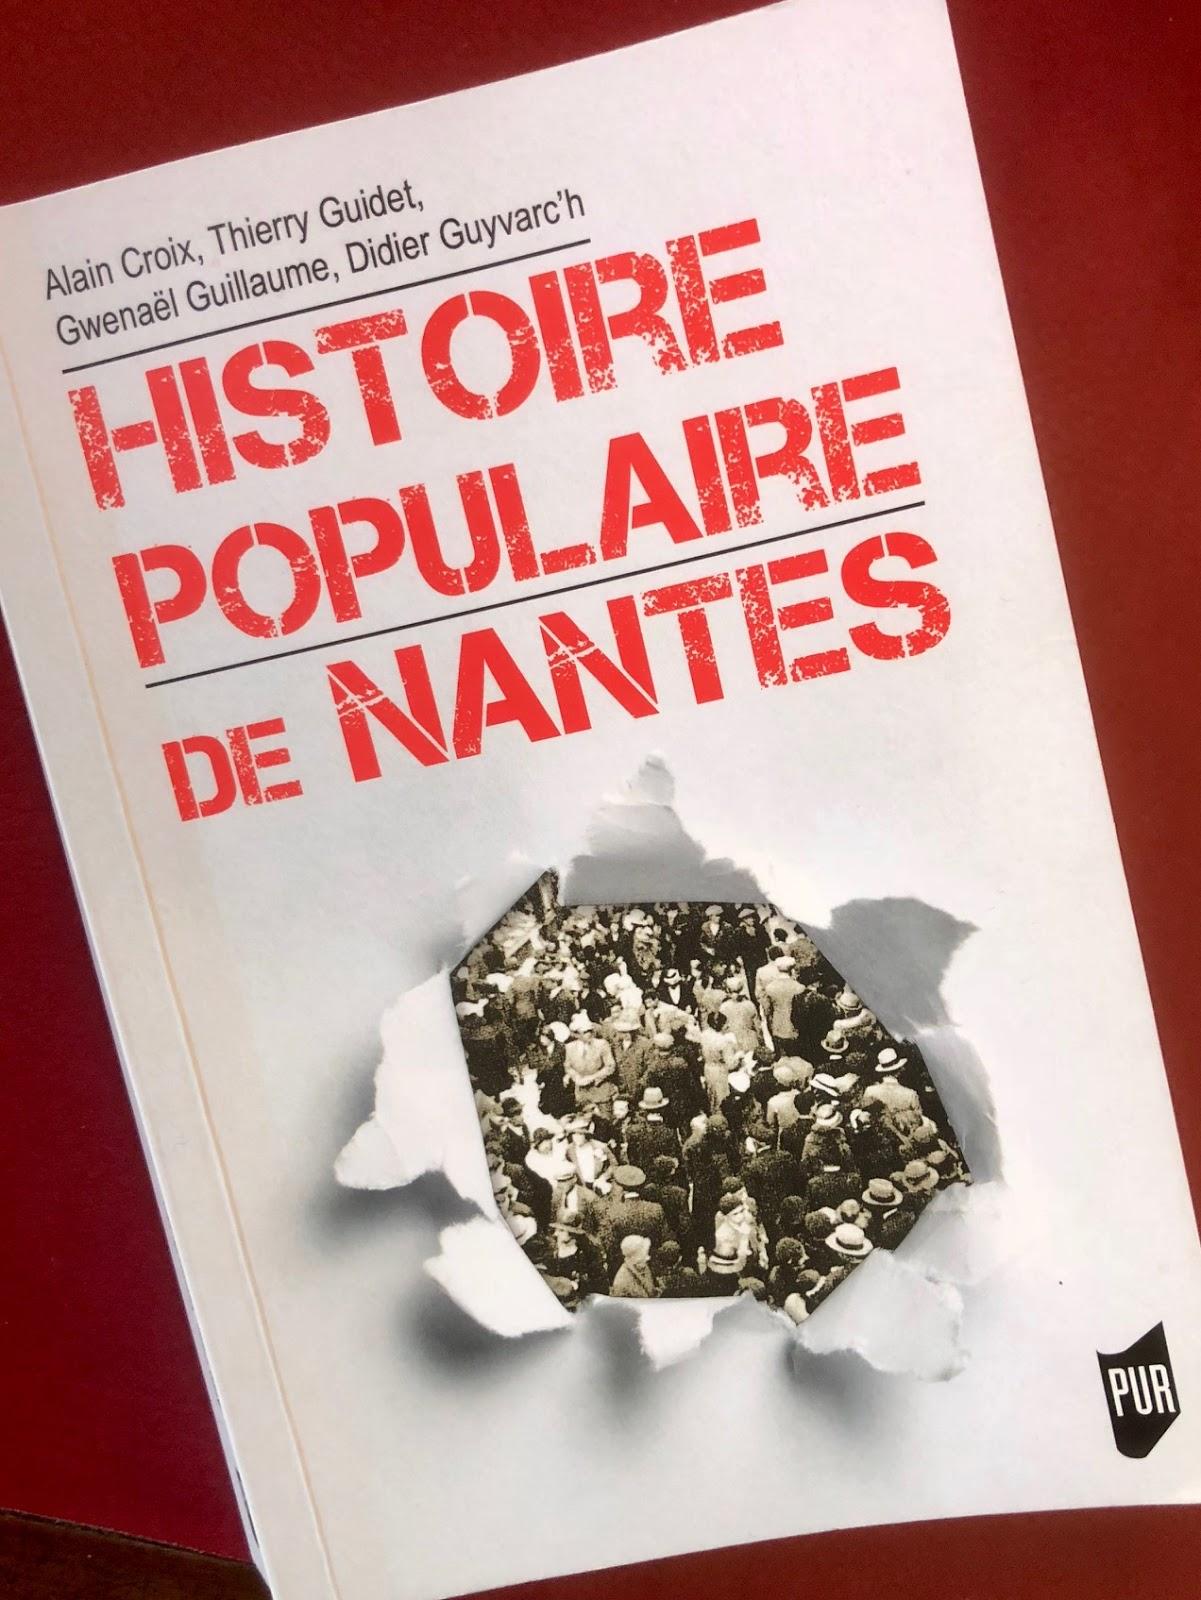 Rcemment Sortie Cette Histoire Populaire De Nantes Fera Date Parmi Les Nombreux Ouvrages Consacrs La Cit Des Ducs